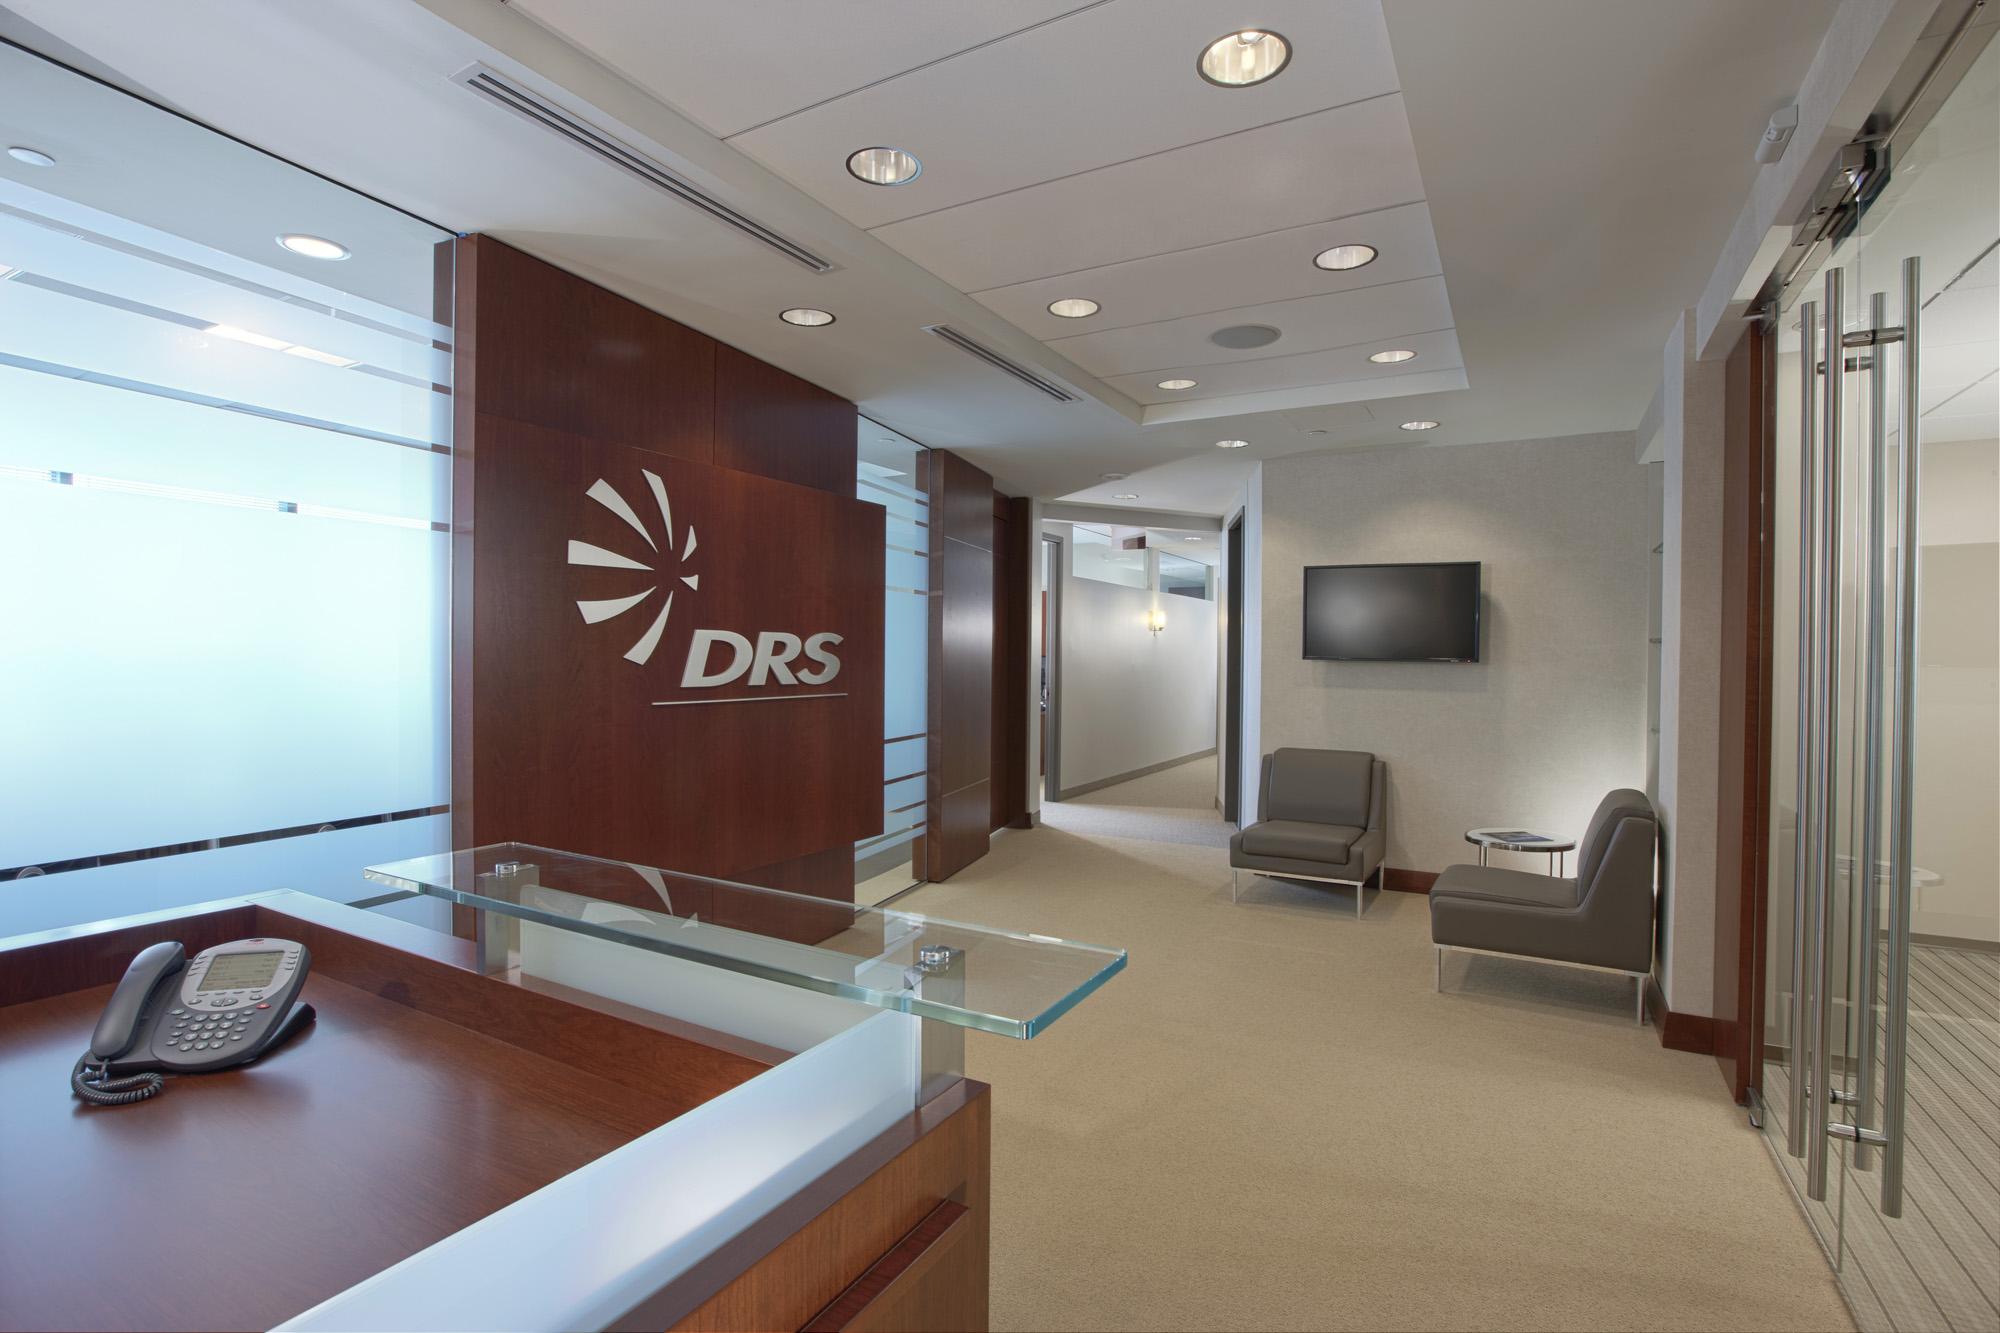 DRS VA Office Interior Image R121282.jpg